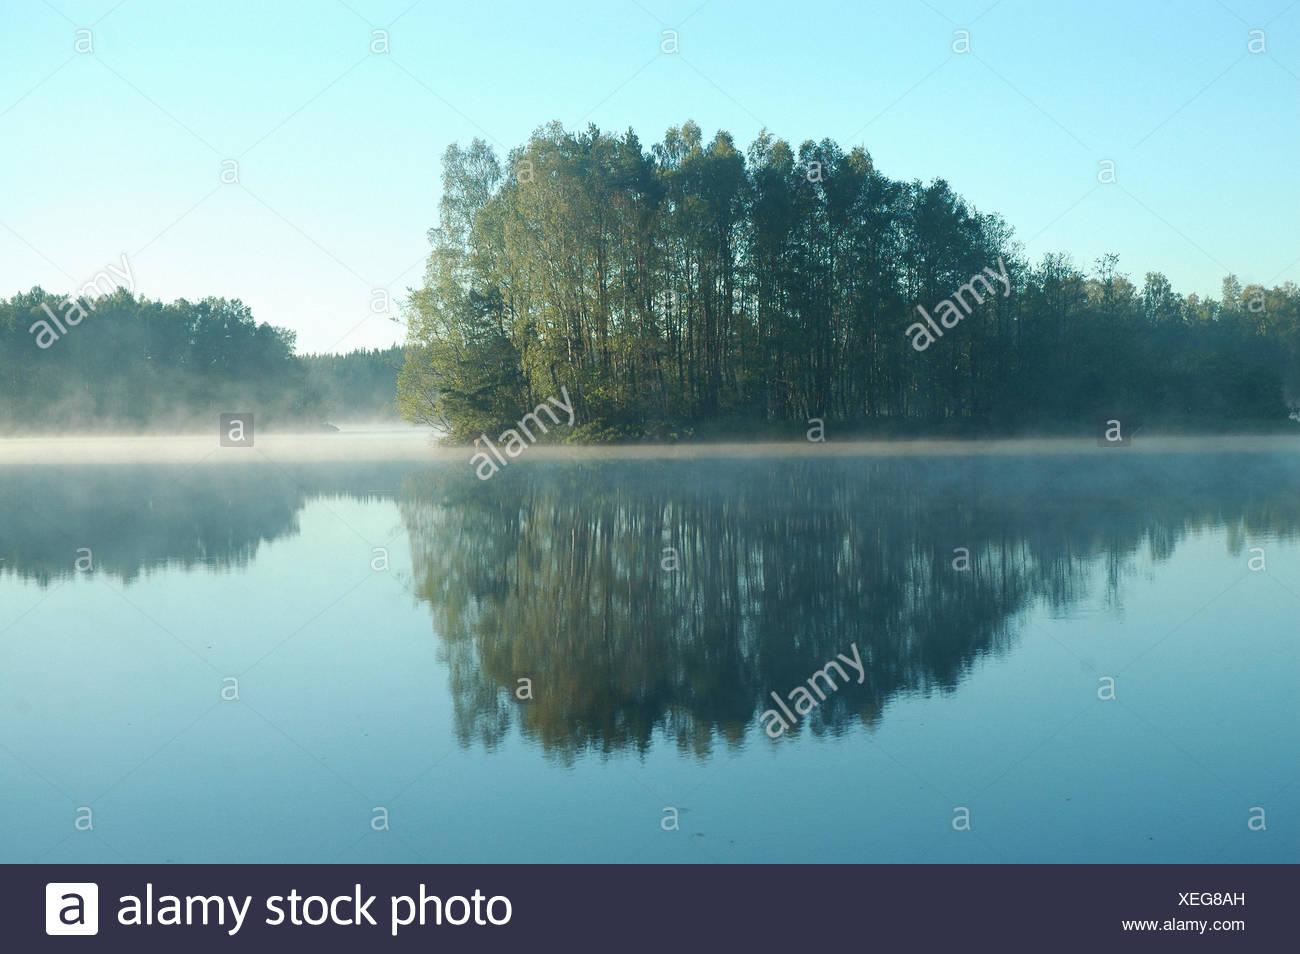 Sweden, Europe, lake, smaland, markary, store sjö, island, isle, fog, morning, summer - Stock Image